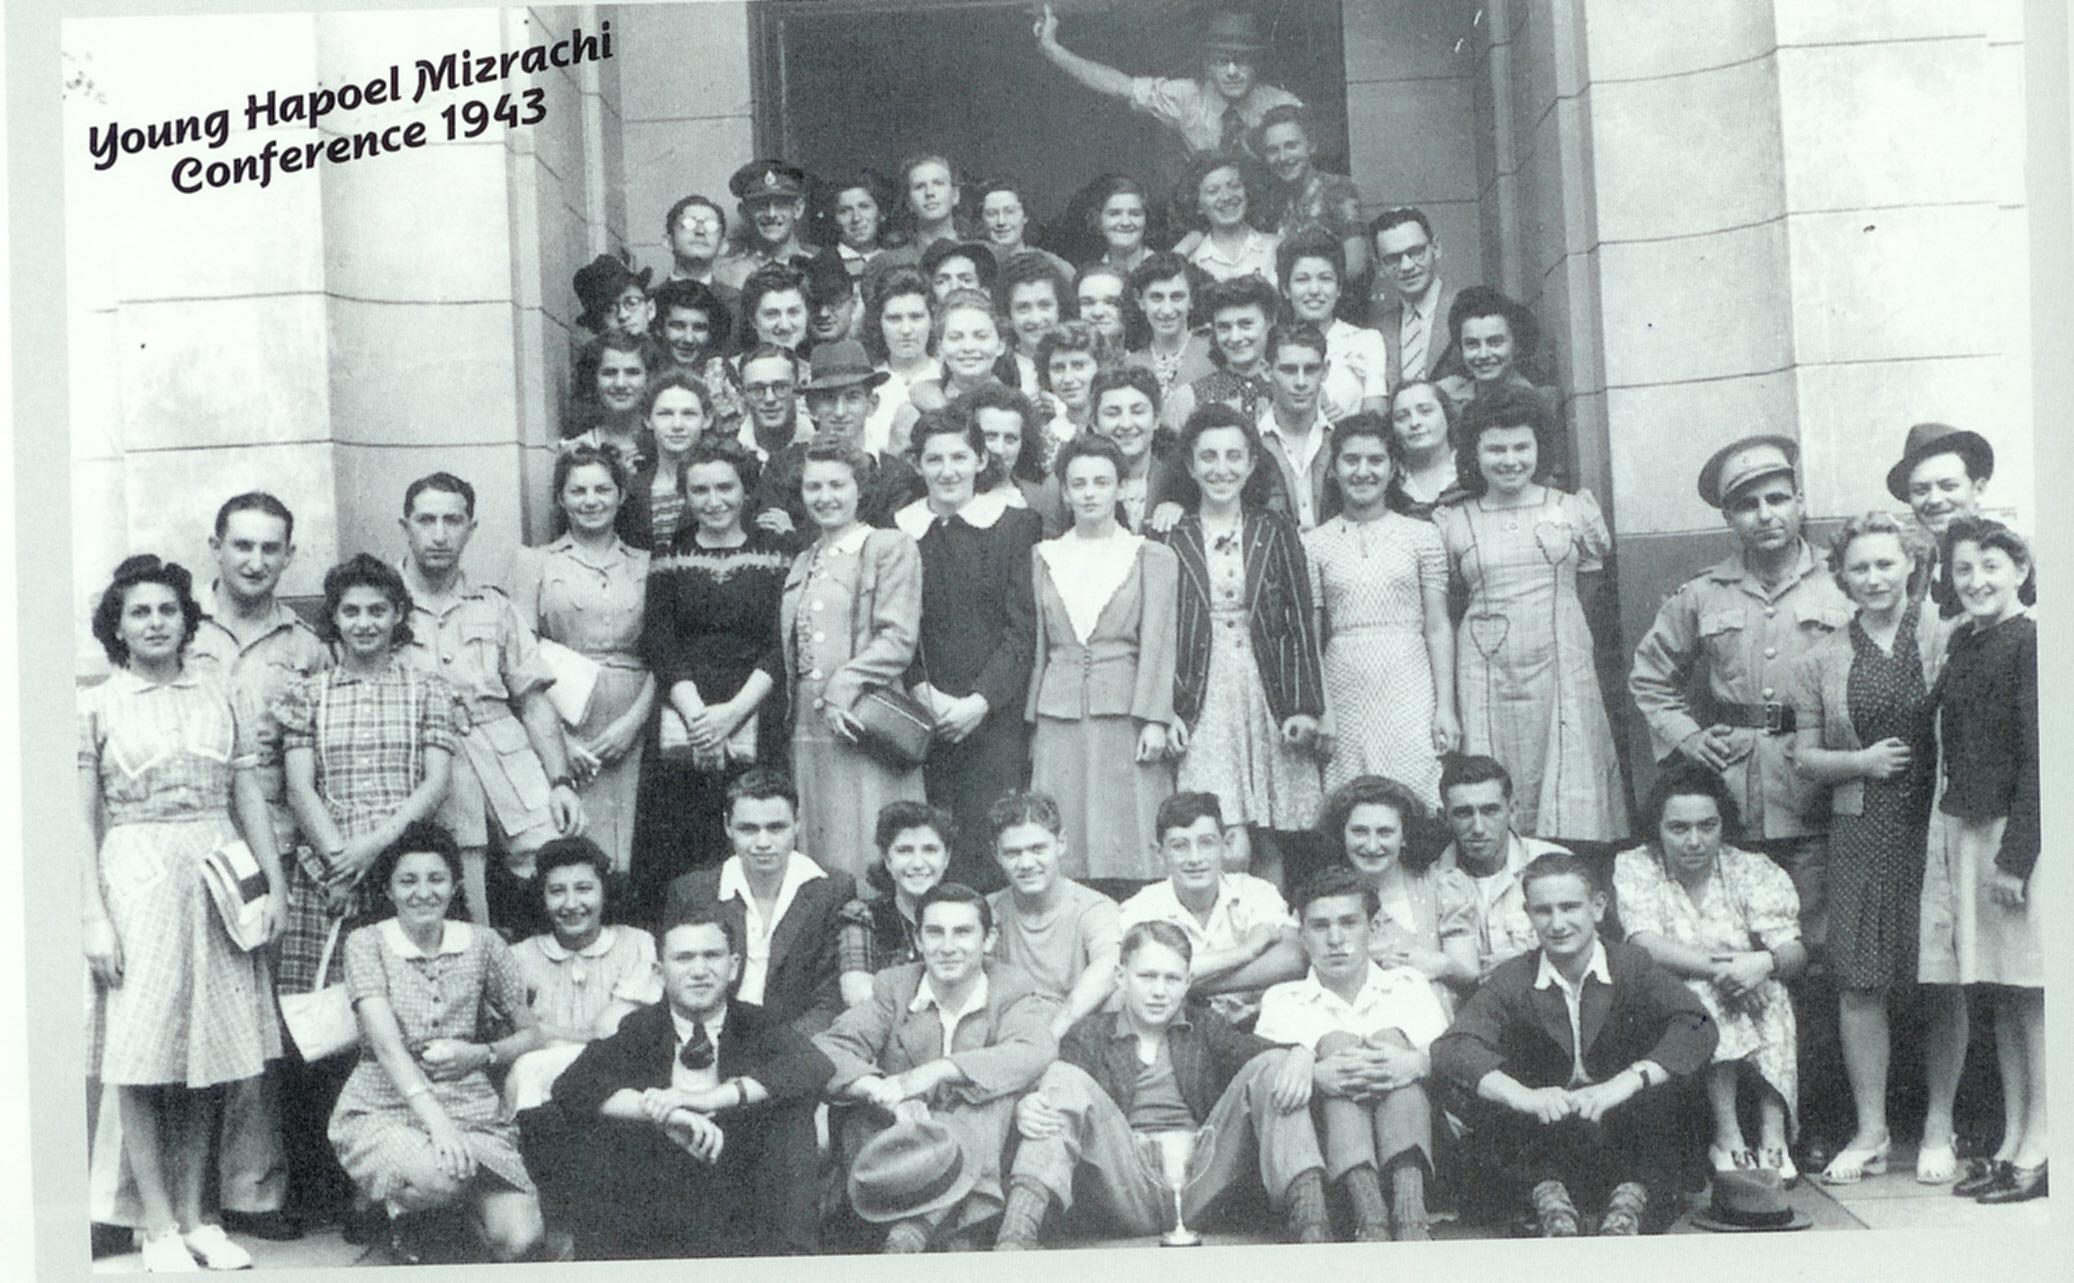 Annual Con 1943